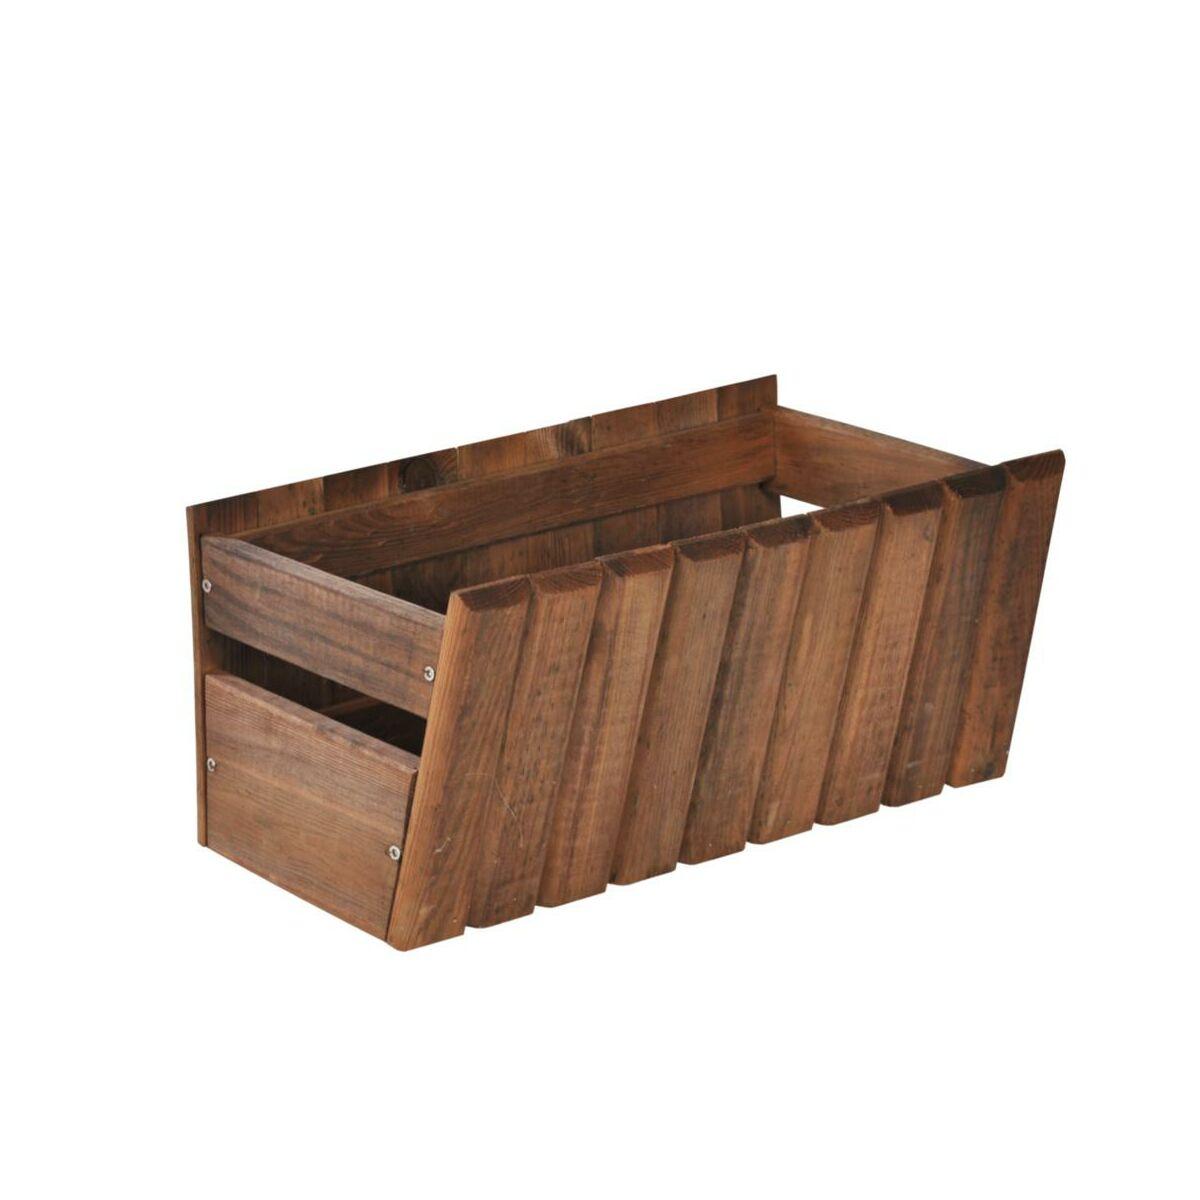 Donica / skrzynka balkonowa 40 x 20 cm drewniana brązowa STOKROTKA SOBEX